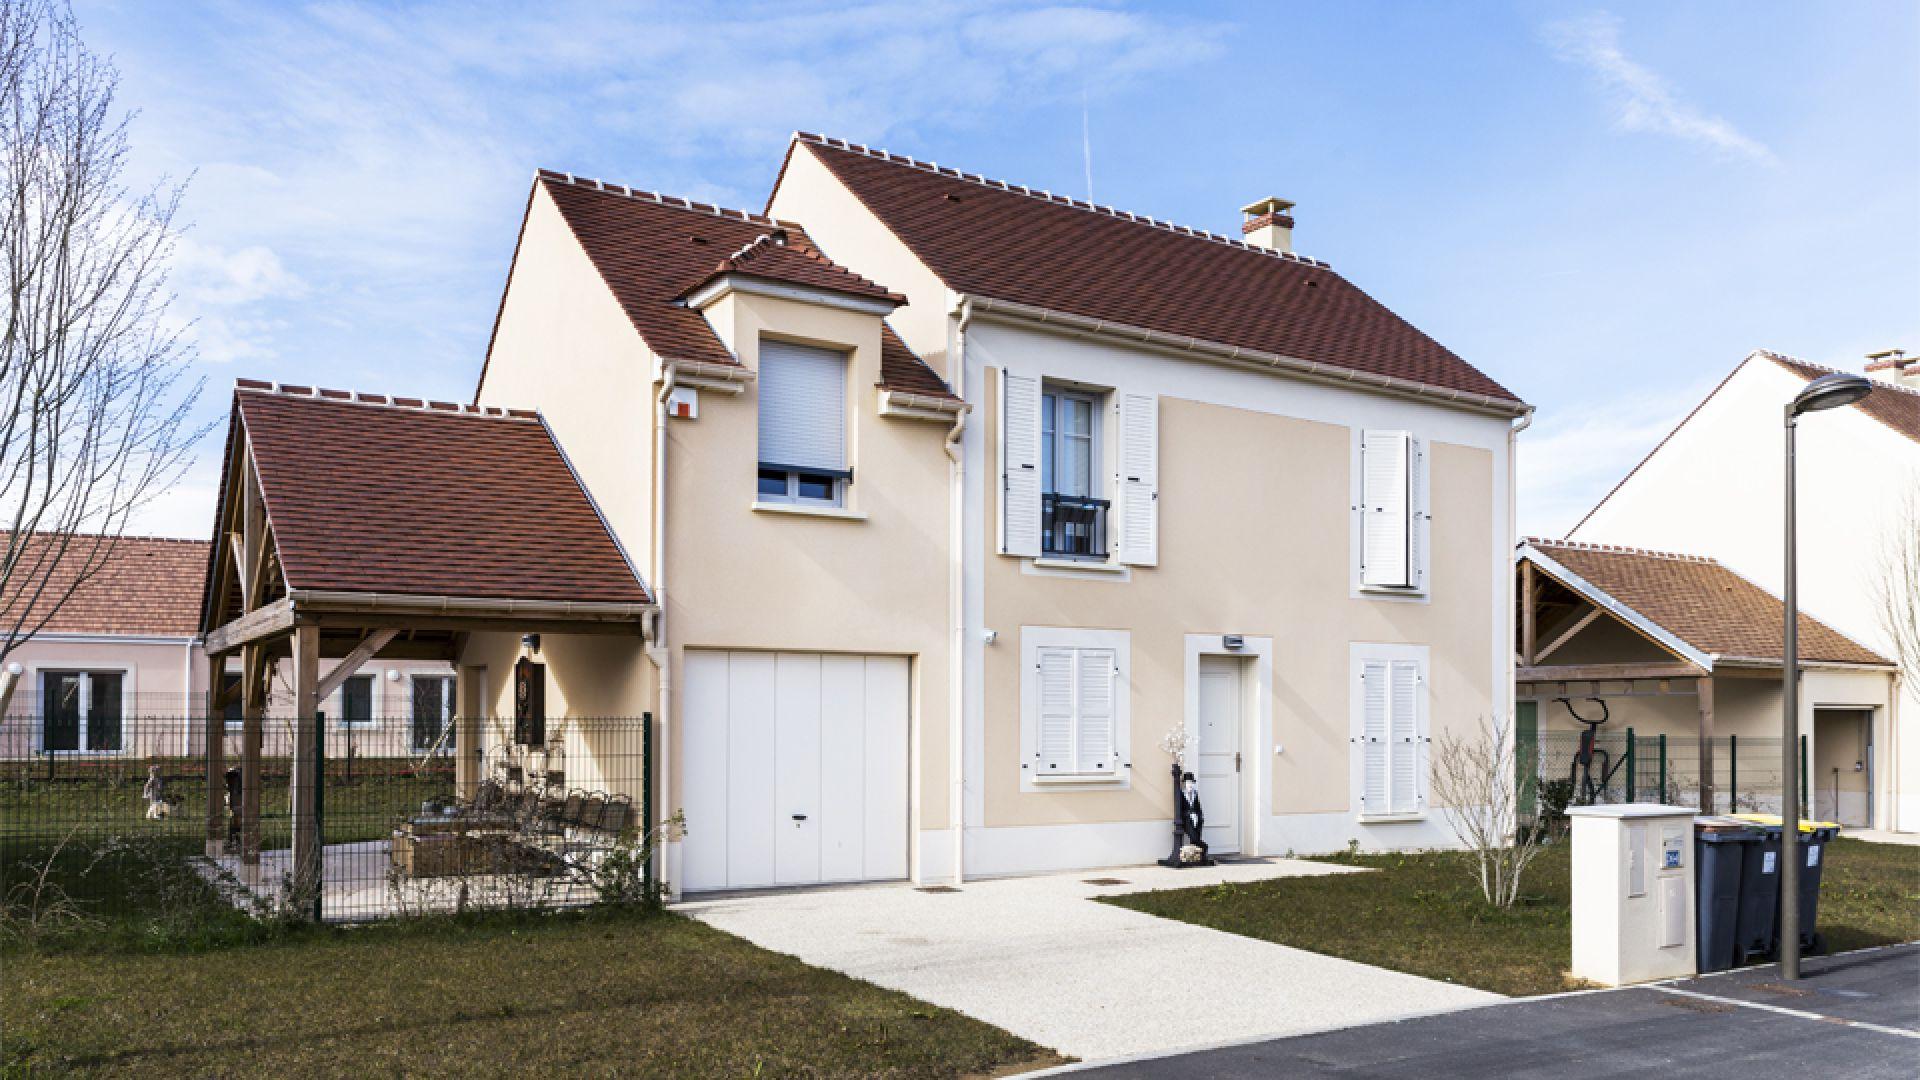 Facades De Maisons En Couleurs enduits façades colorés à nandy (77) | weber